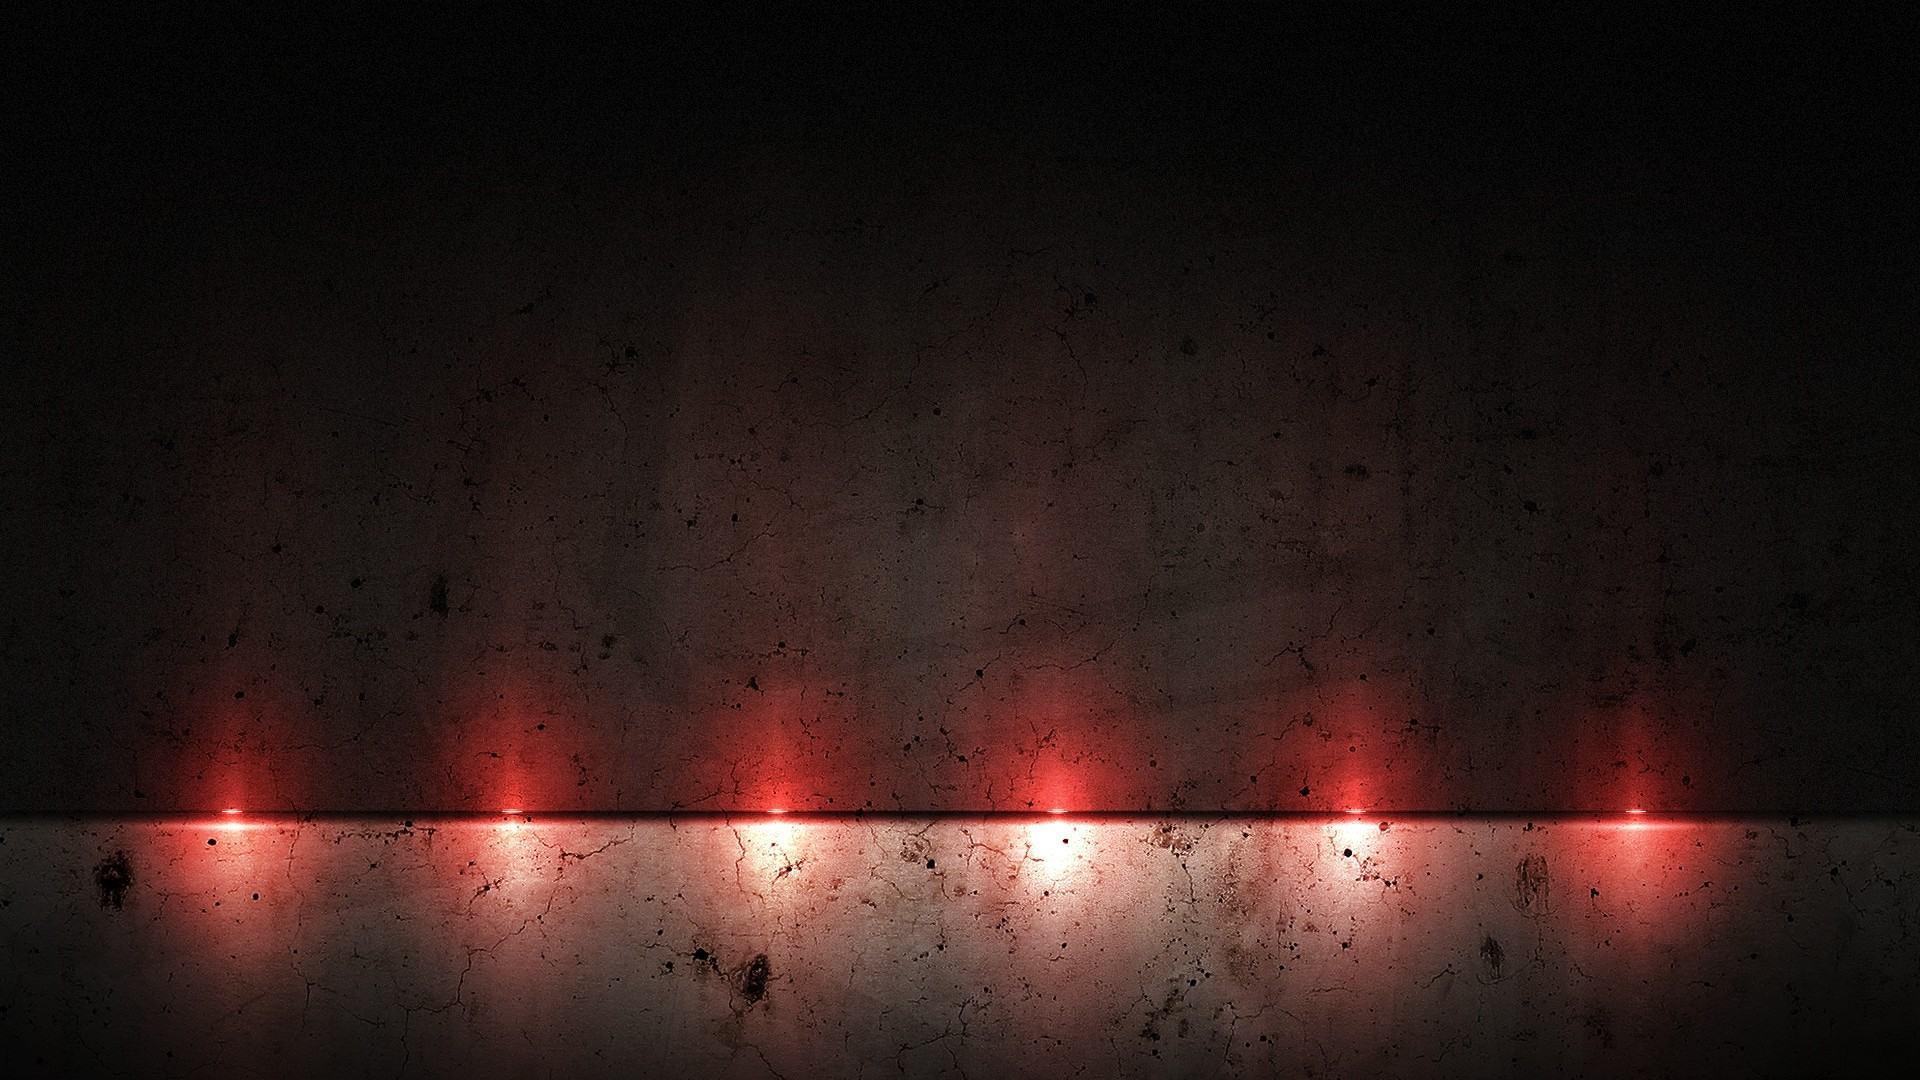 Plain Dark Red Wallpaper Pocket press